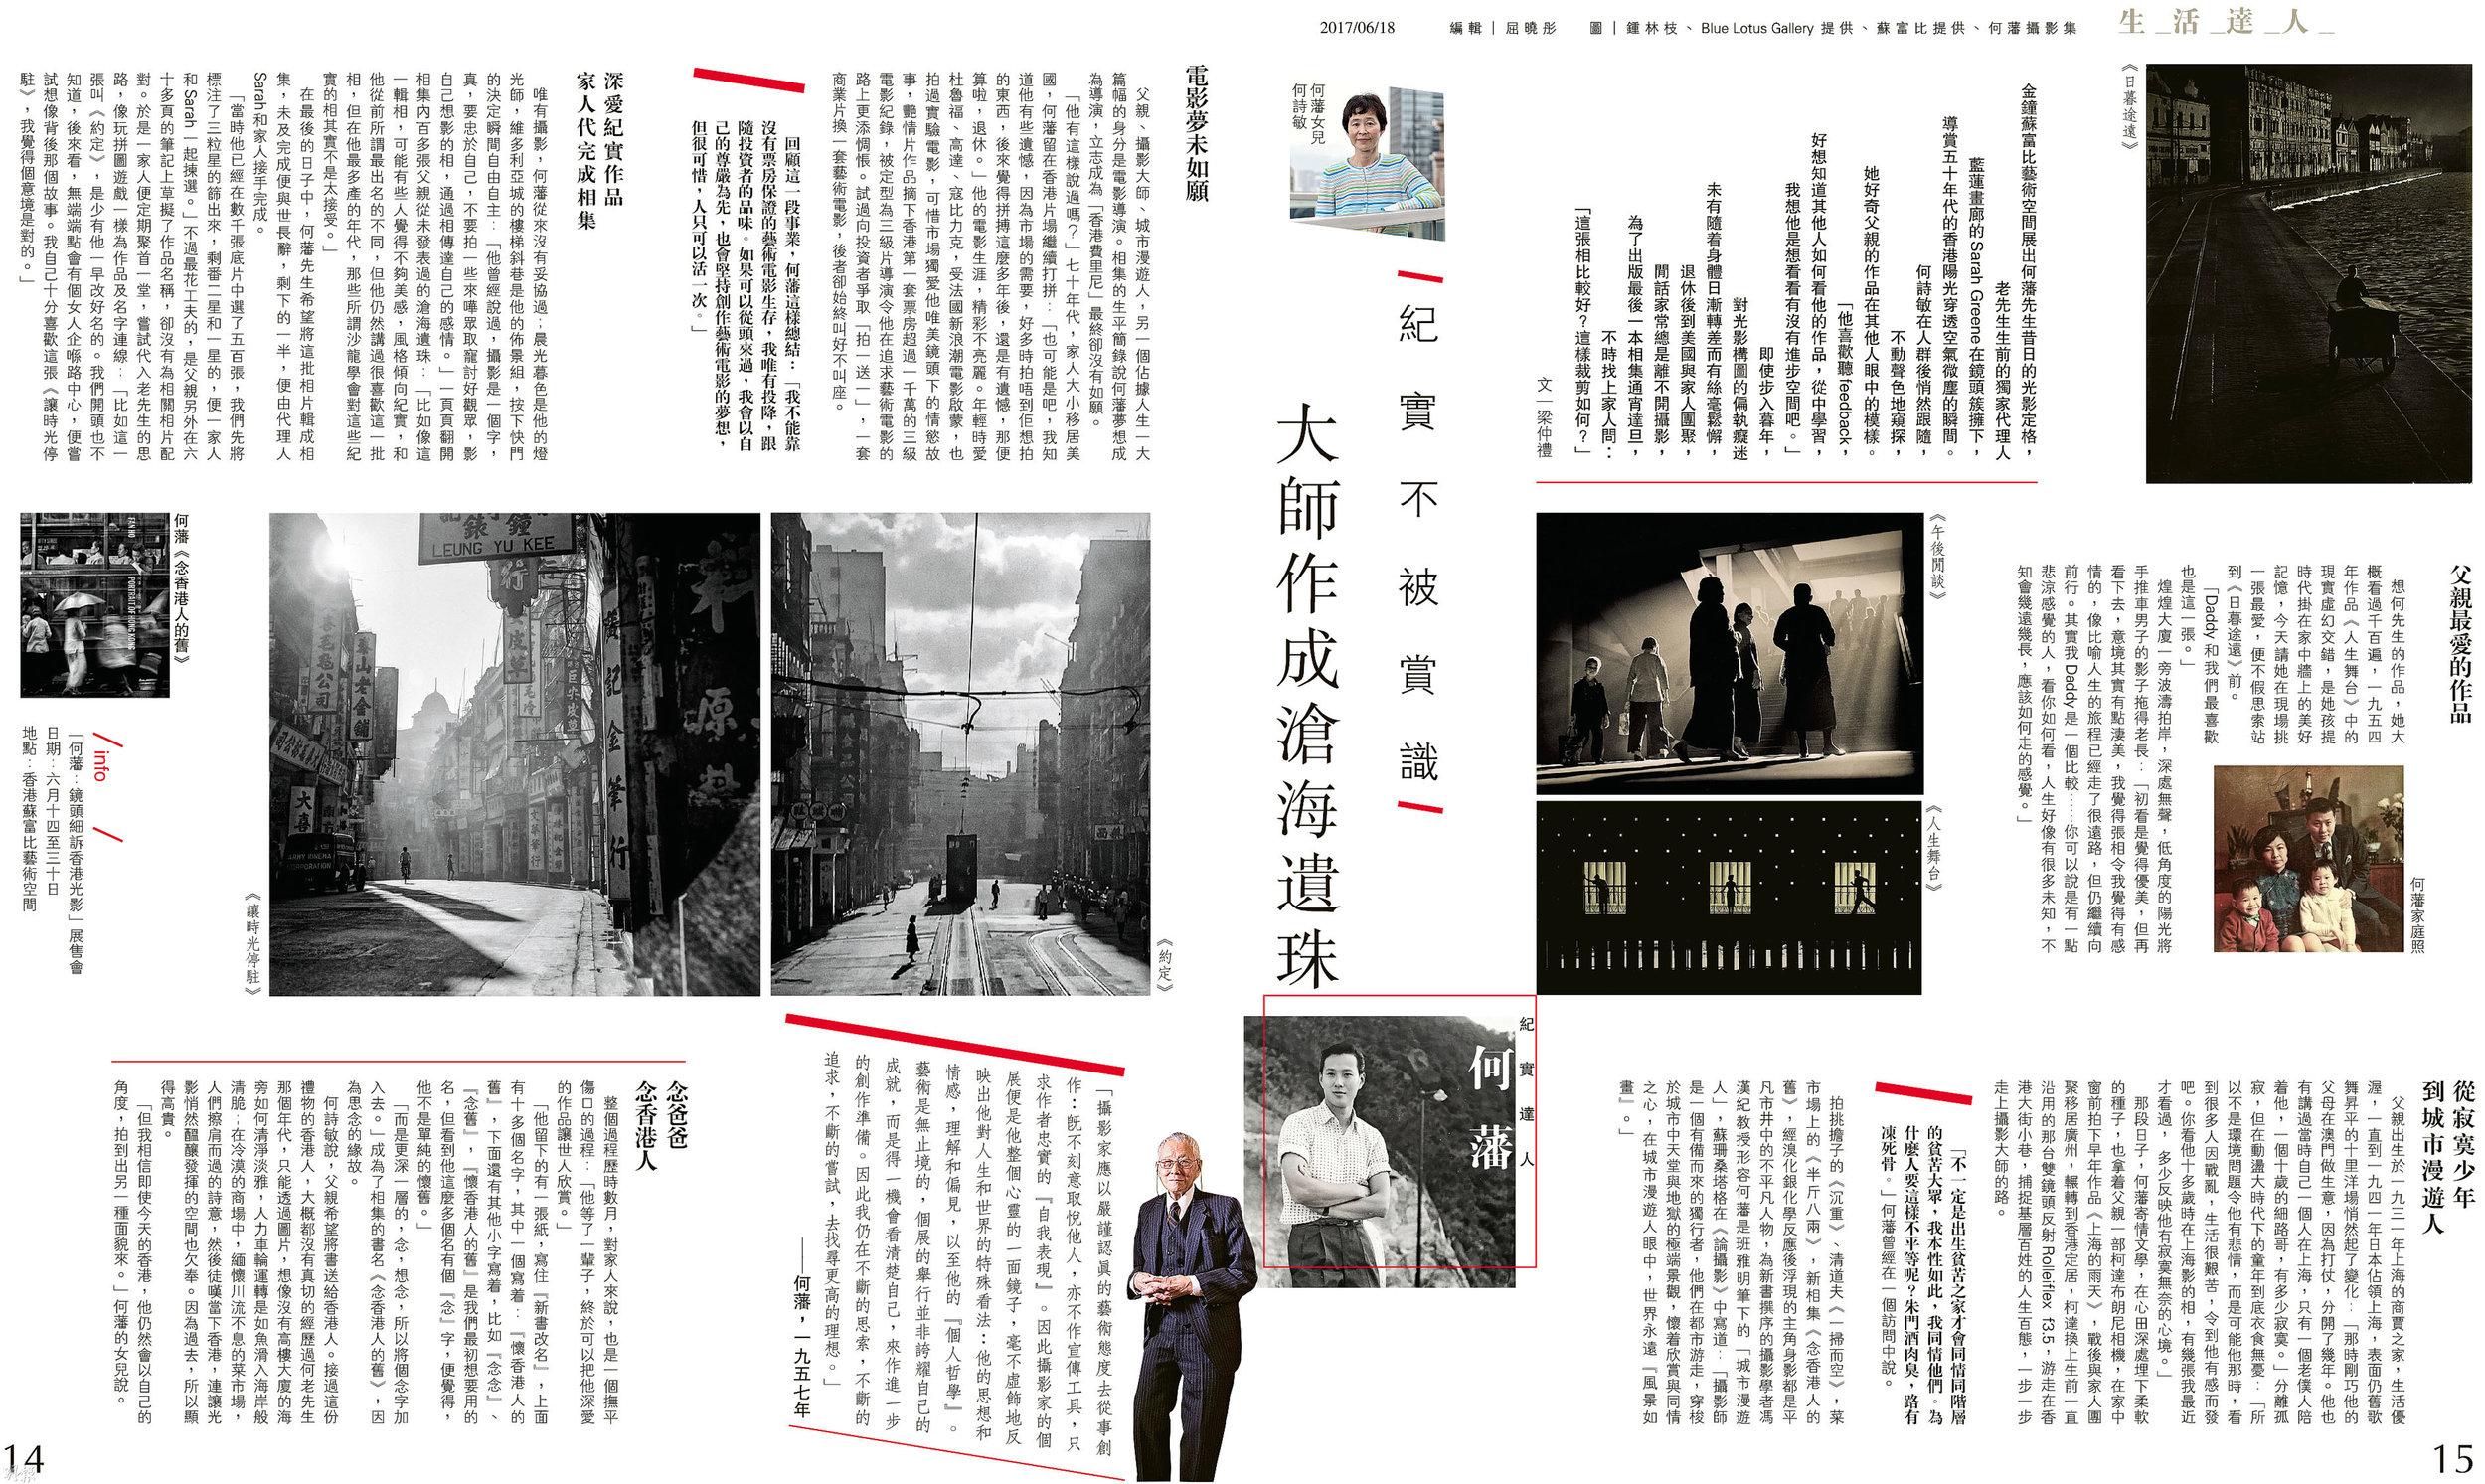 Ming Pao P14-15  20170618.jpg